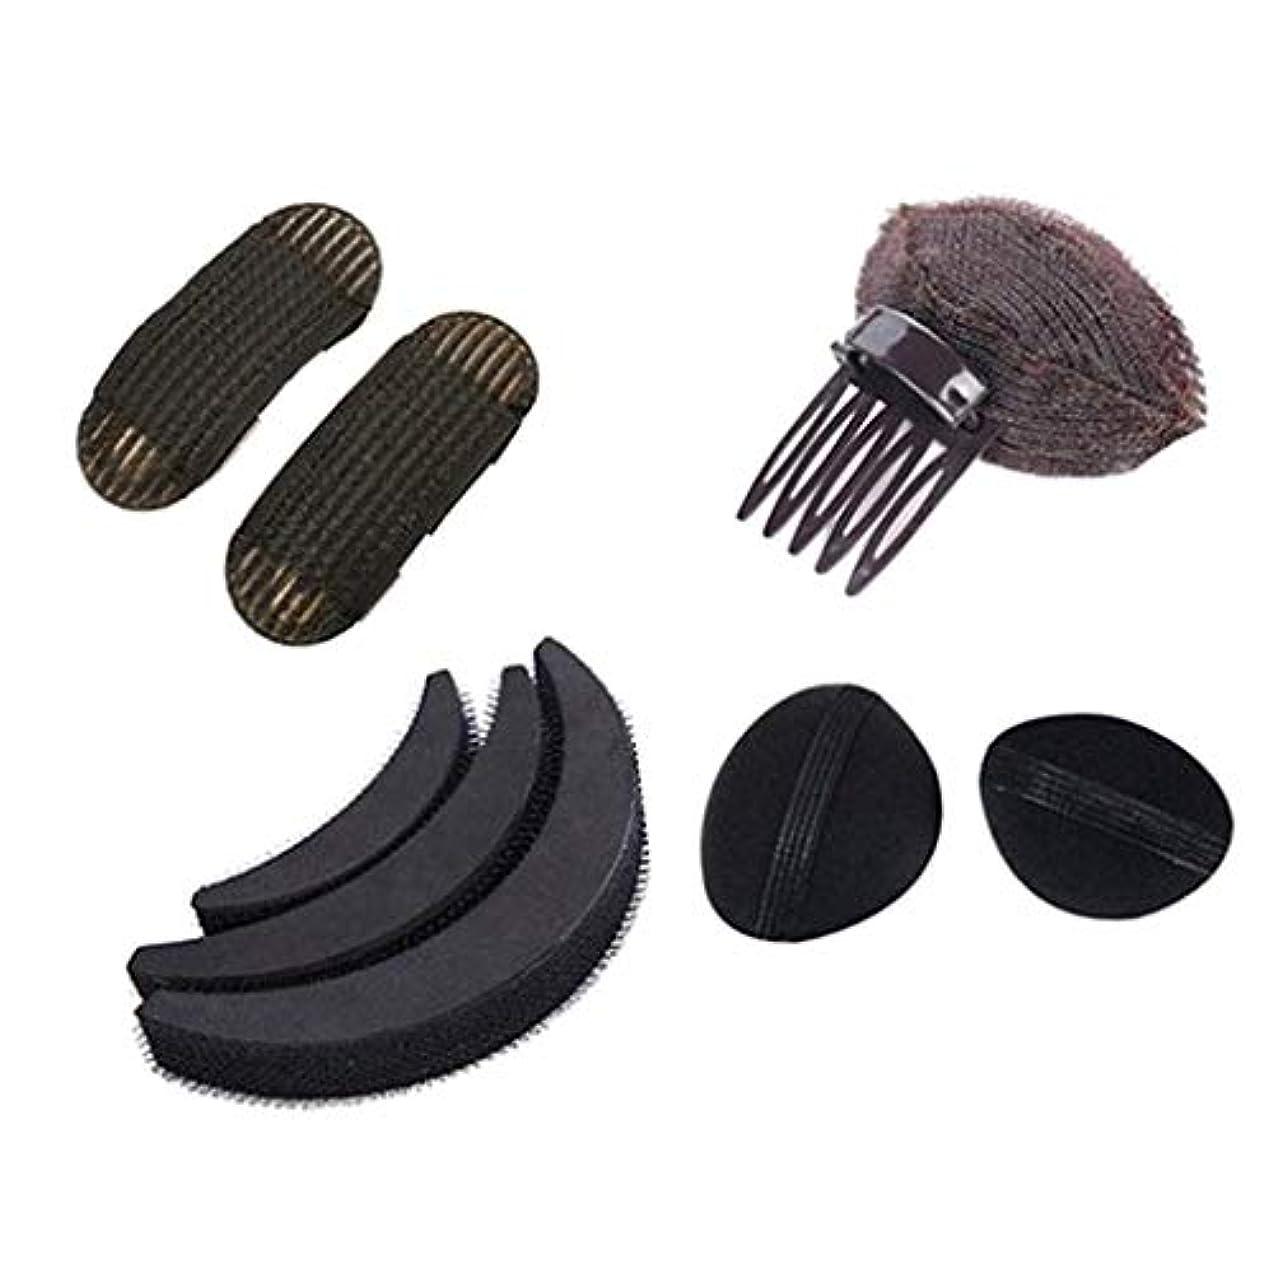 マークパスポート信頼性女性 ヘアスタイリングキット 髪型作成 ヘアスタイルツール 美容室サロン ブラック 4種類 - B